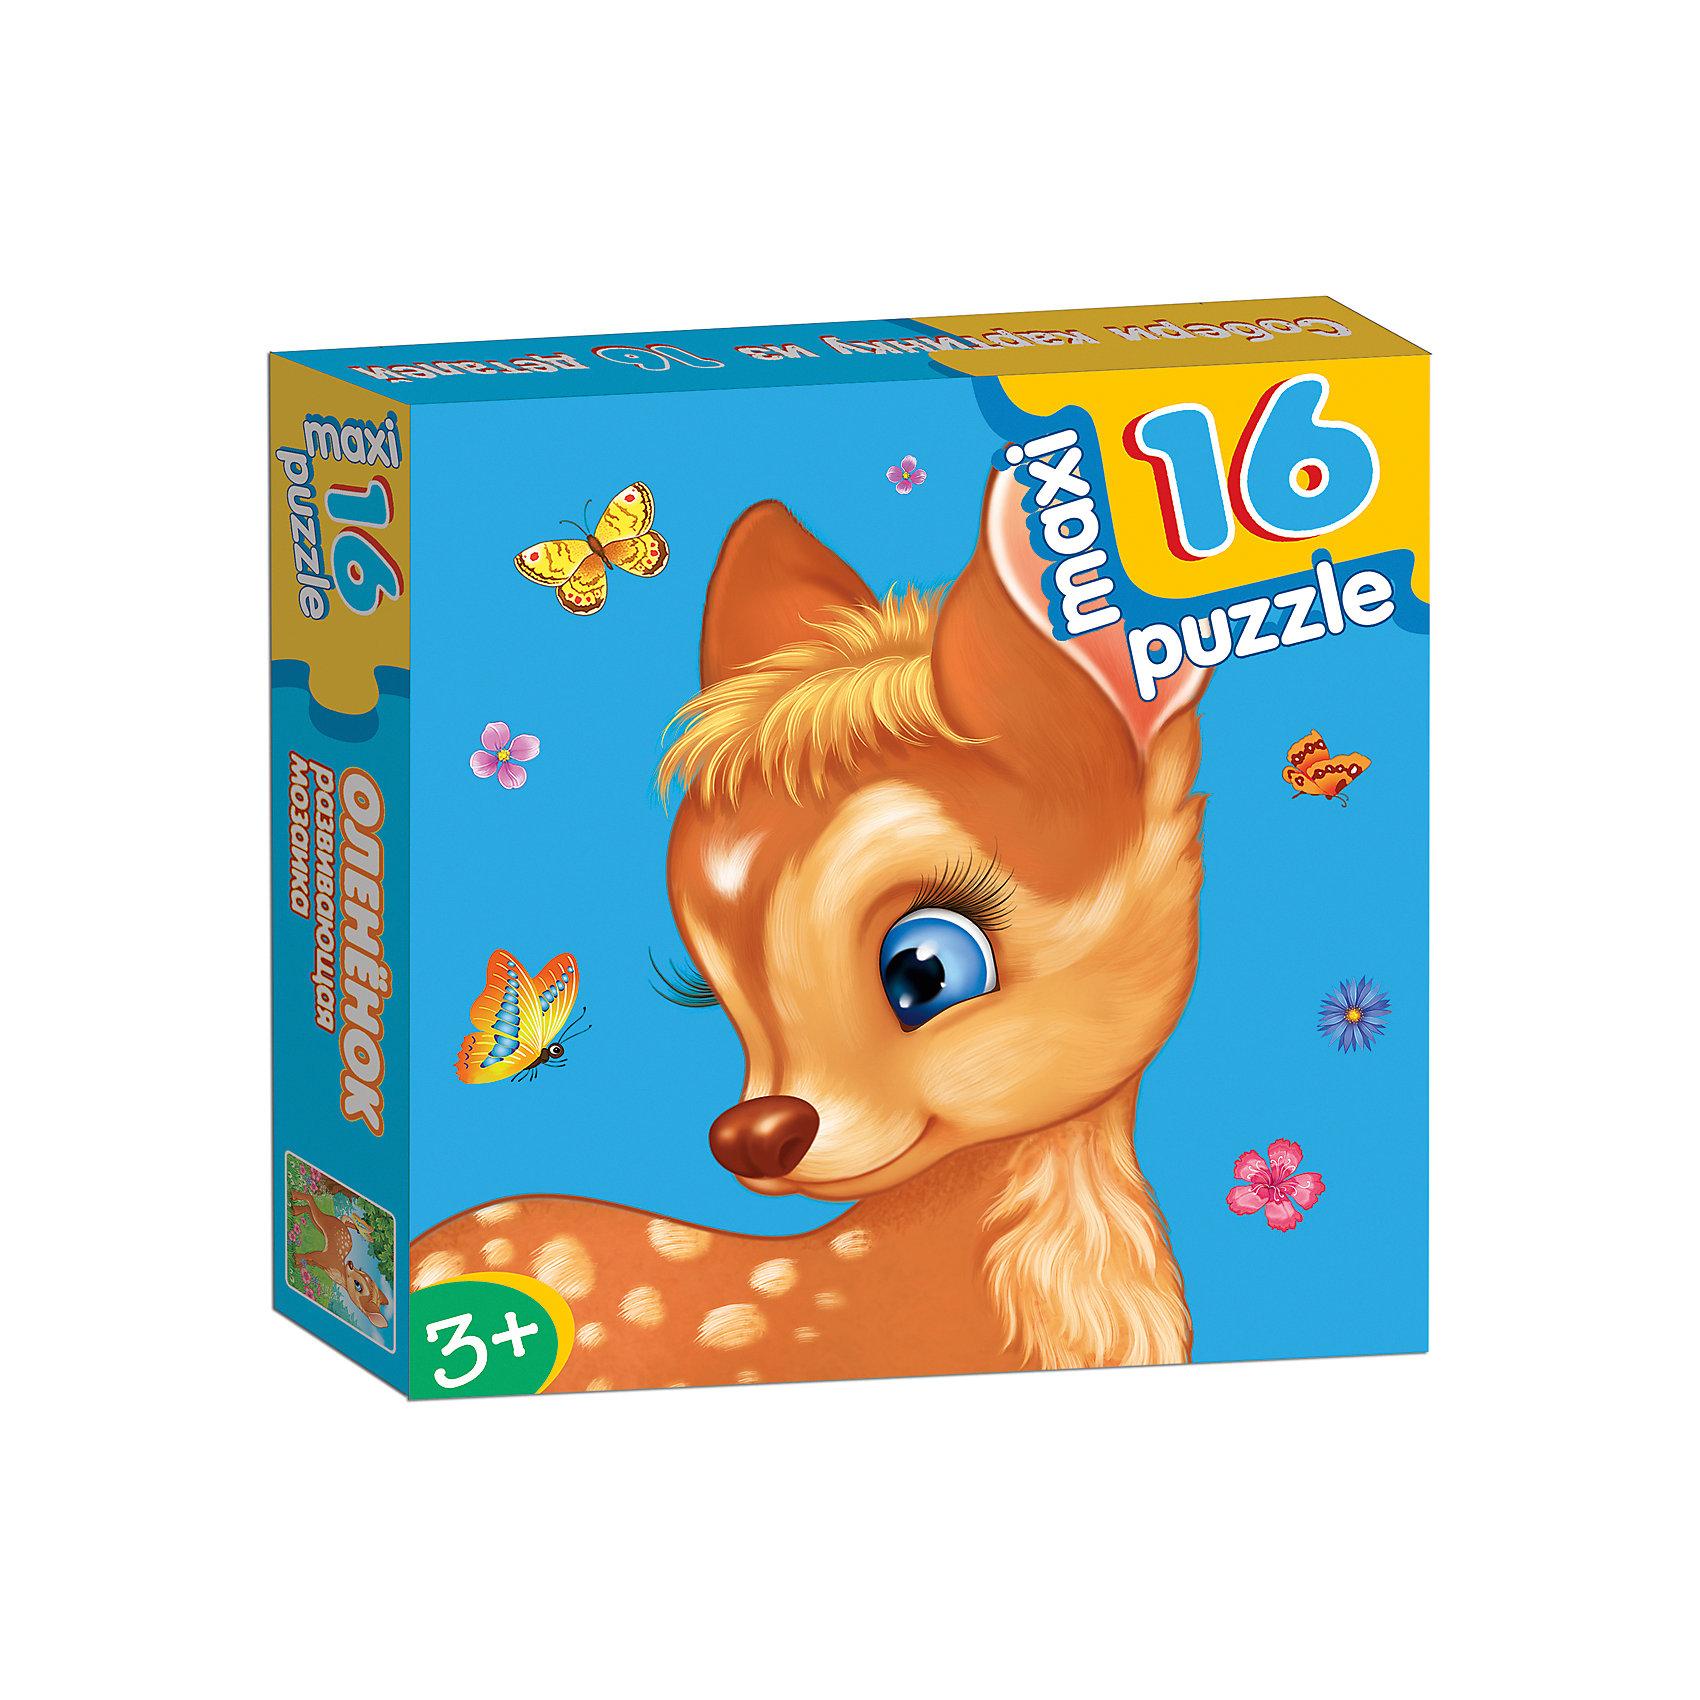 Развивающая мозаика Олененок, Дрофа-МедиаХарактеристики развивающей мозаики Олененок:<br><br>- возраст: от 3 лет<br>- пол: для мальчиков и девочек<br>- количество деталей: 16.<br>- материал: картон.<br>- размер упаковки: 16.5 * 16.5 * 3 см.<br>- размер игрушки: 31 * 33 см.<br>- упаковка: картонная коробка.<br>- бренд: Дрофа-Медиа<br>- страна обладатель бренда: Россия.<br><br>Развивающая мозаика Олененок - макси-пазл для самых маленьких. Чтобы собрать картинку целиком, малышу нужно правильно подбирать элементы пазла. Когда все деталь мозаики соединятся между собой, получится красивое изображение олененка. Макси-пазлы направлены на развитие внимательности, усидчивости и памяти у малышей. Ребенок научится самостоятельно складывать изображение из нескольких деталей, подбирая недостающий фрагмент изображения.<br><br>Развивающую мозаику Олененок издательства Дрофа-Медиа можно купить в нашем интернет-магазине.<br><br>Ширина мм: 165<br>Глубина мм: 30<br>Высота мм: 165<br>Вес г: 170<br>Возраст от месяцев: 36<br>Возраст до месяцев: 2147483647<br>Пол: Унисекс<br>Возраст: Детский<br>SKU: 5386297